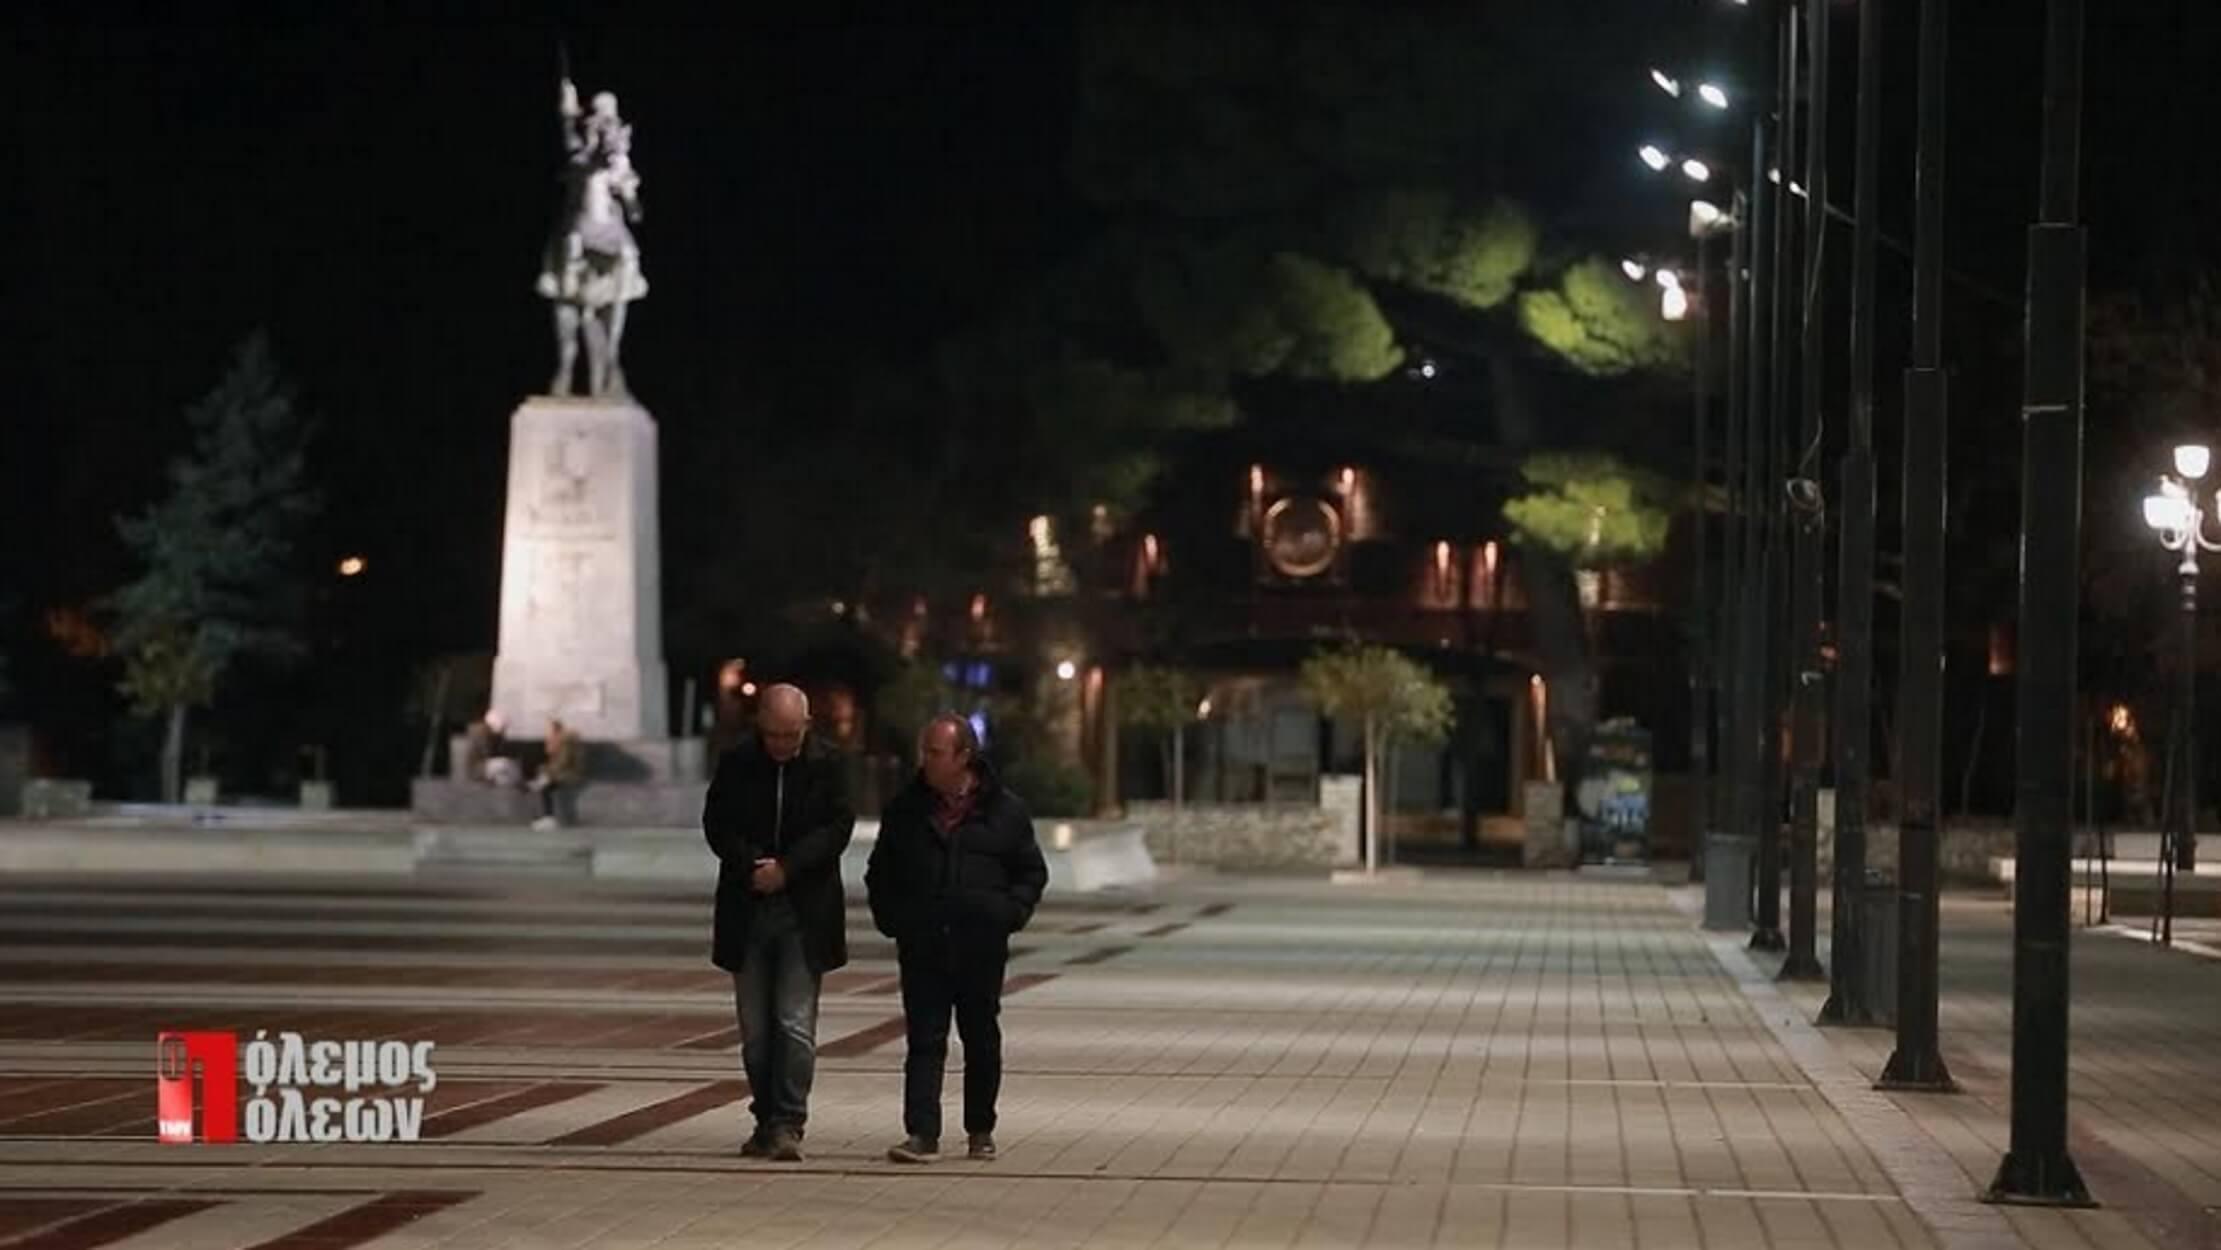 Έρευνα: Ο πόλεμος των πόλεων – Οι αλλαγές λόγω της οικονομικής κρίσης